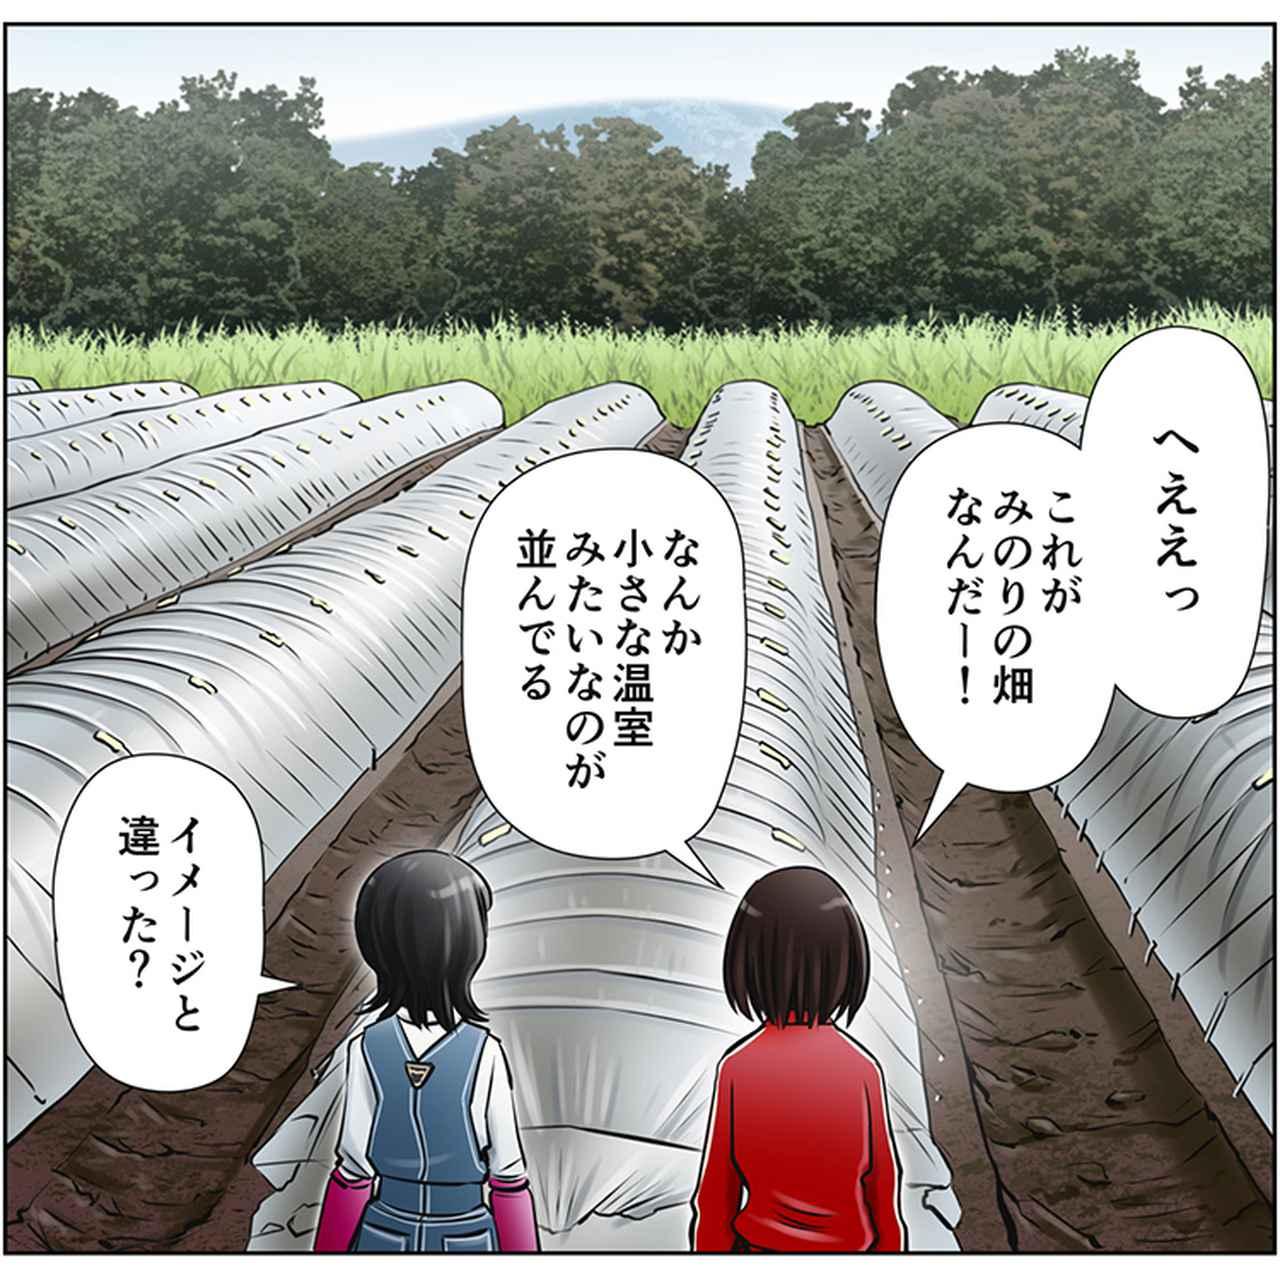 画像2: 農業の大変さとともに魅力が伝わってくる最新話、東京からお友達がやってきた!